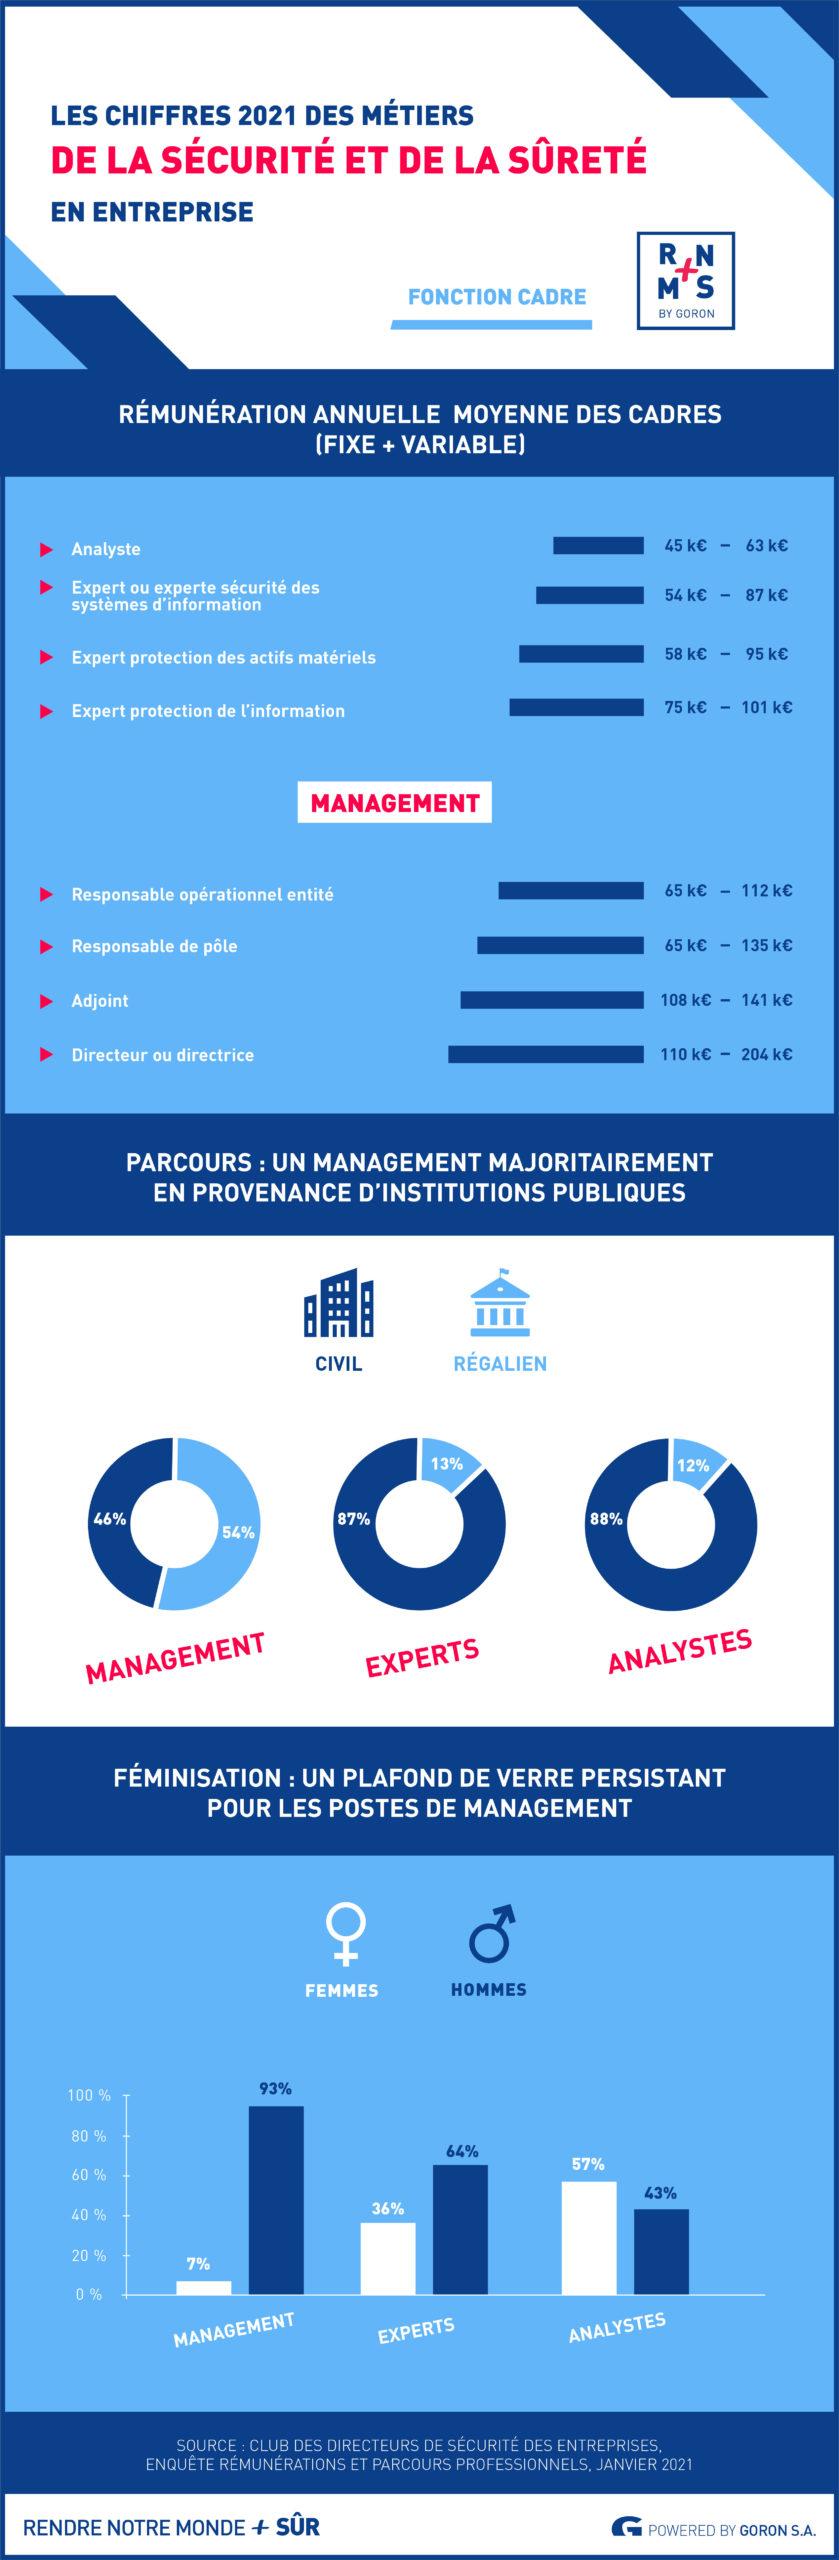 Les chiffres 2021 des métiers de la sécurité en entreprise : salaire, féminisation, parcours